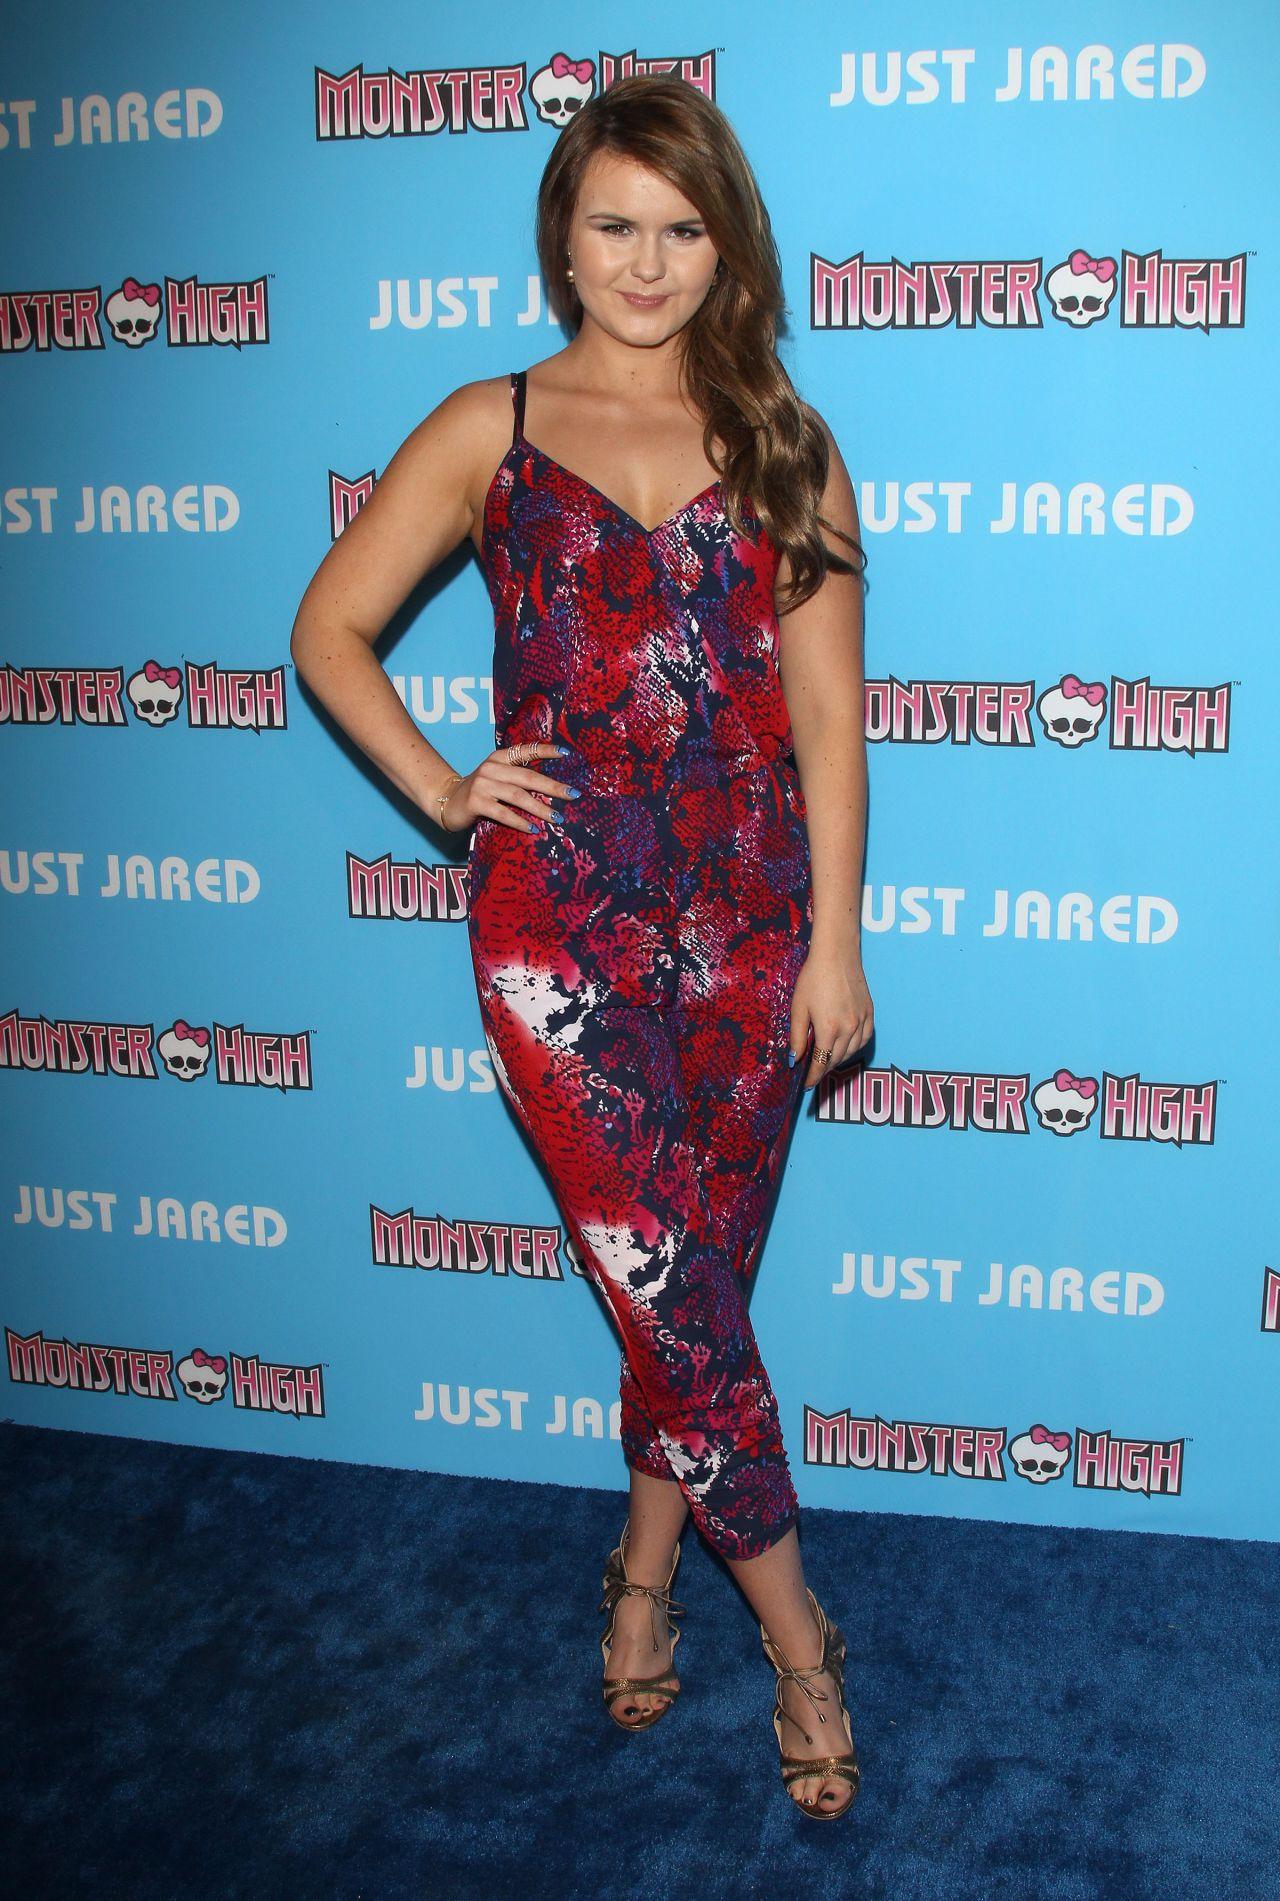 Ashlee Keating - Just Jared